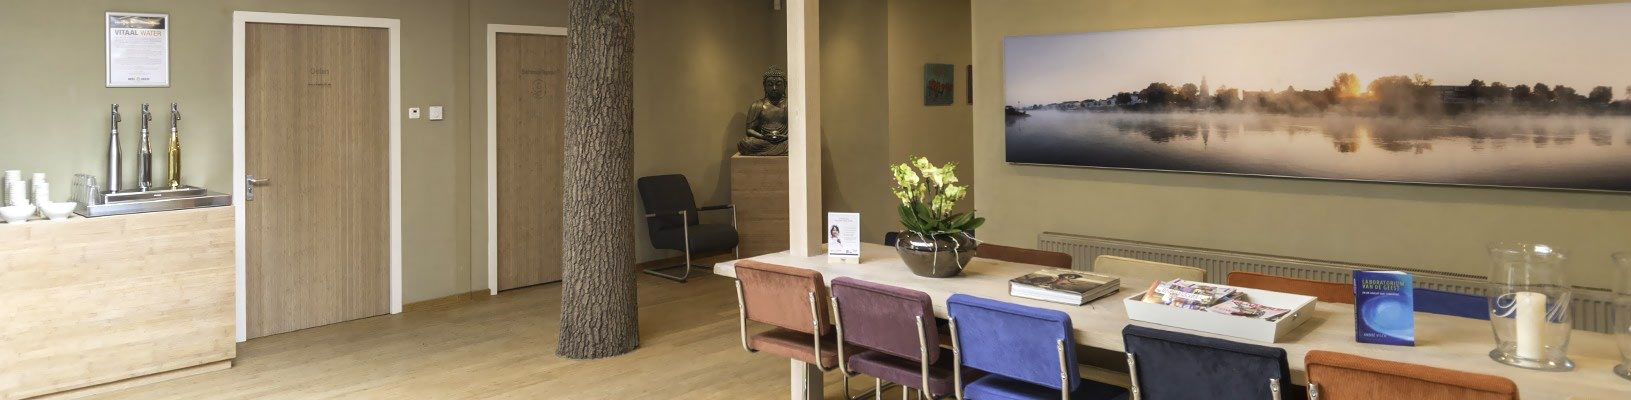 Vacatures afspraak maken HeelHuus Gezondheidscentrum Warnsveld Zutphen